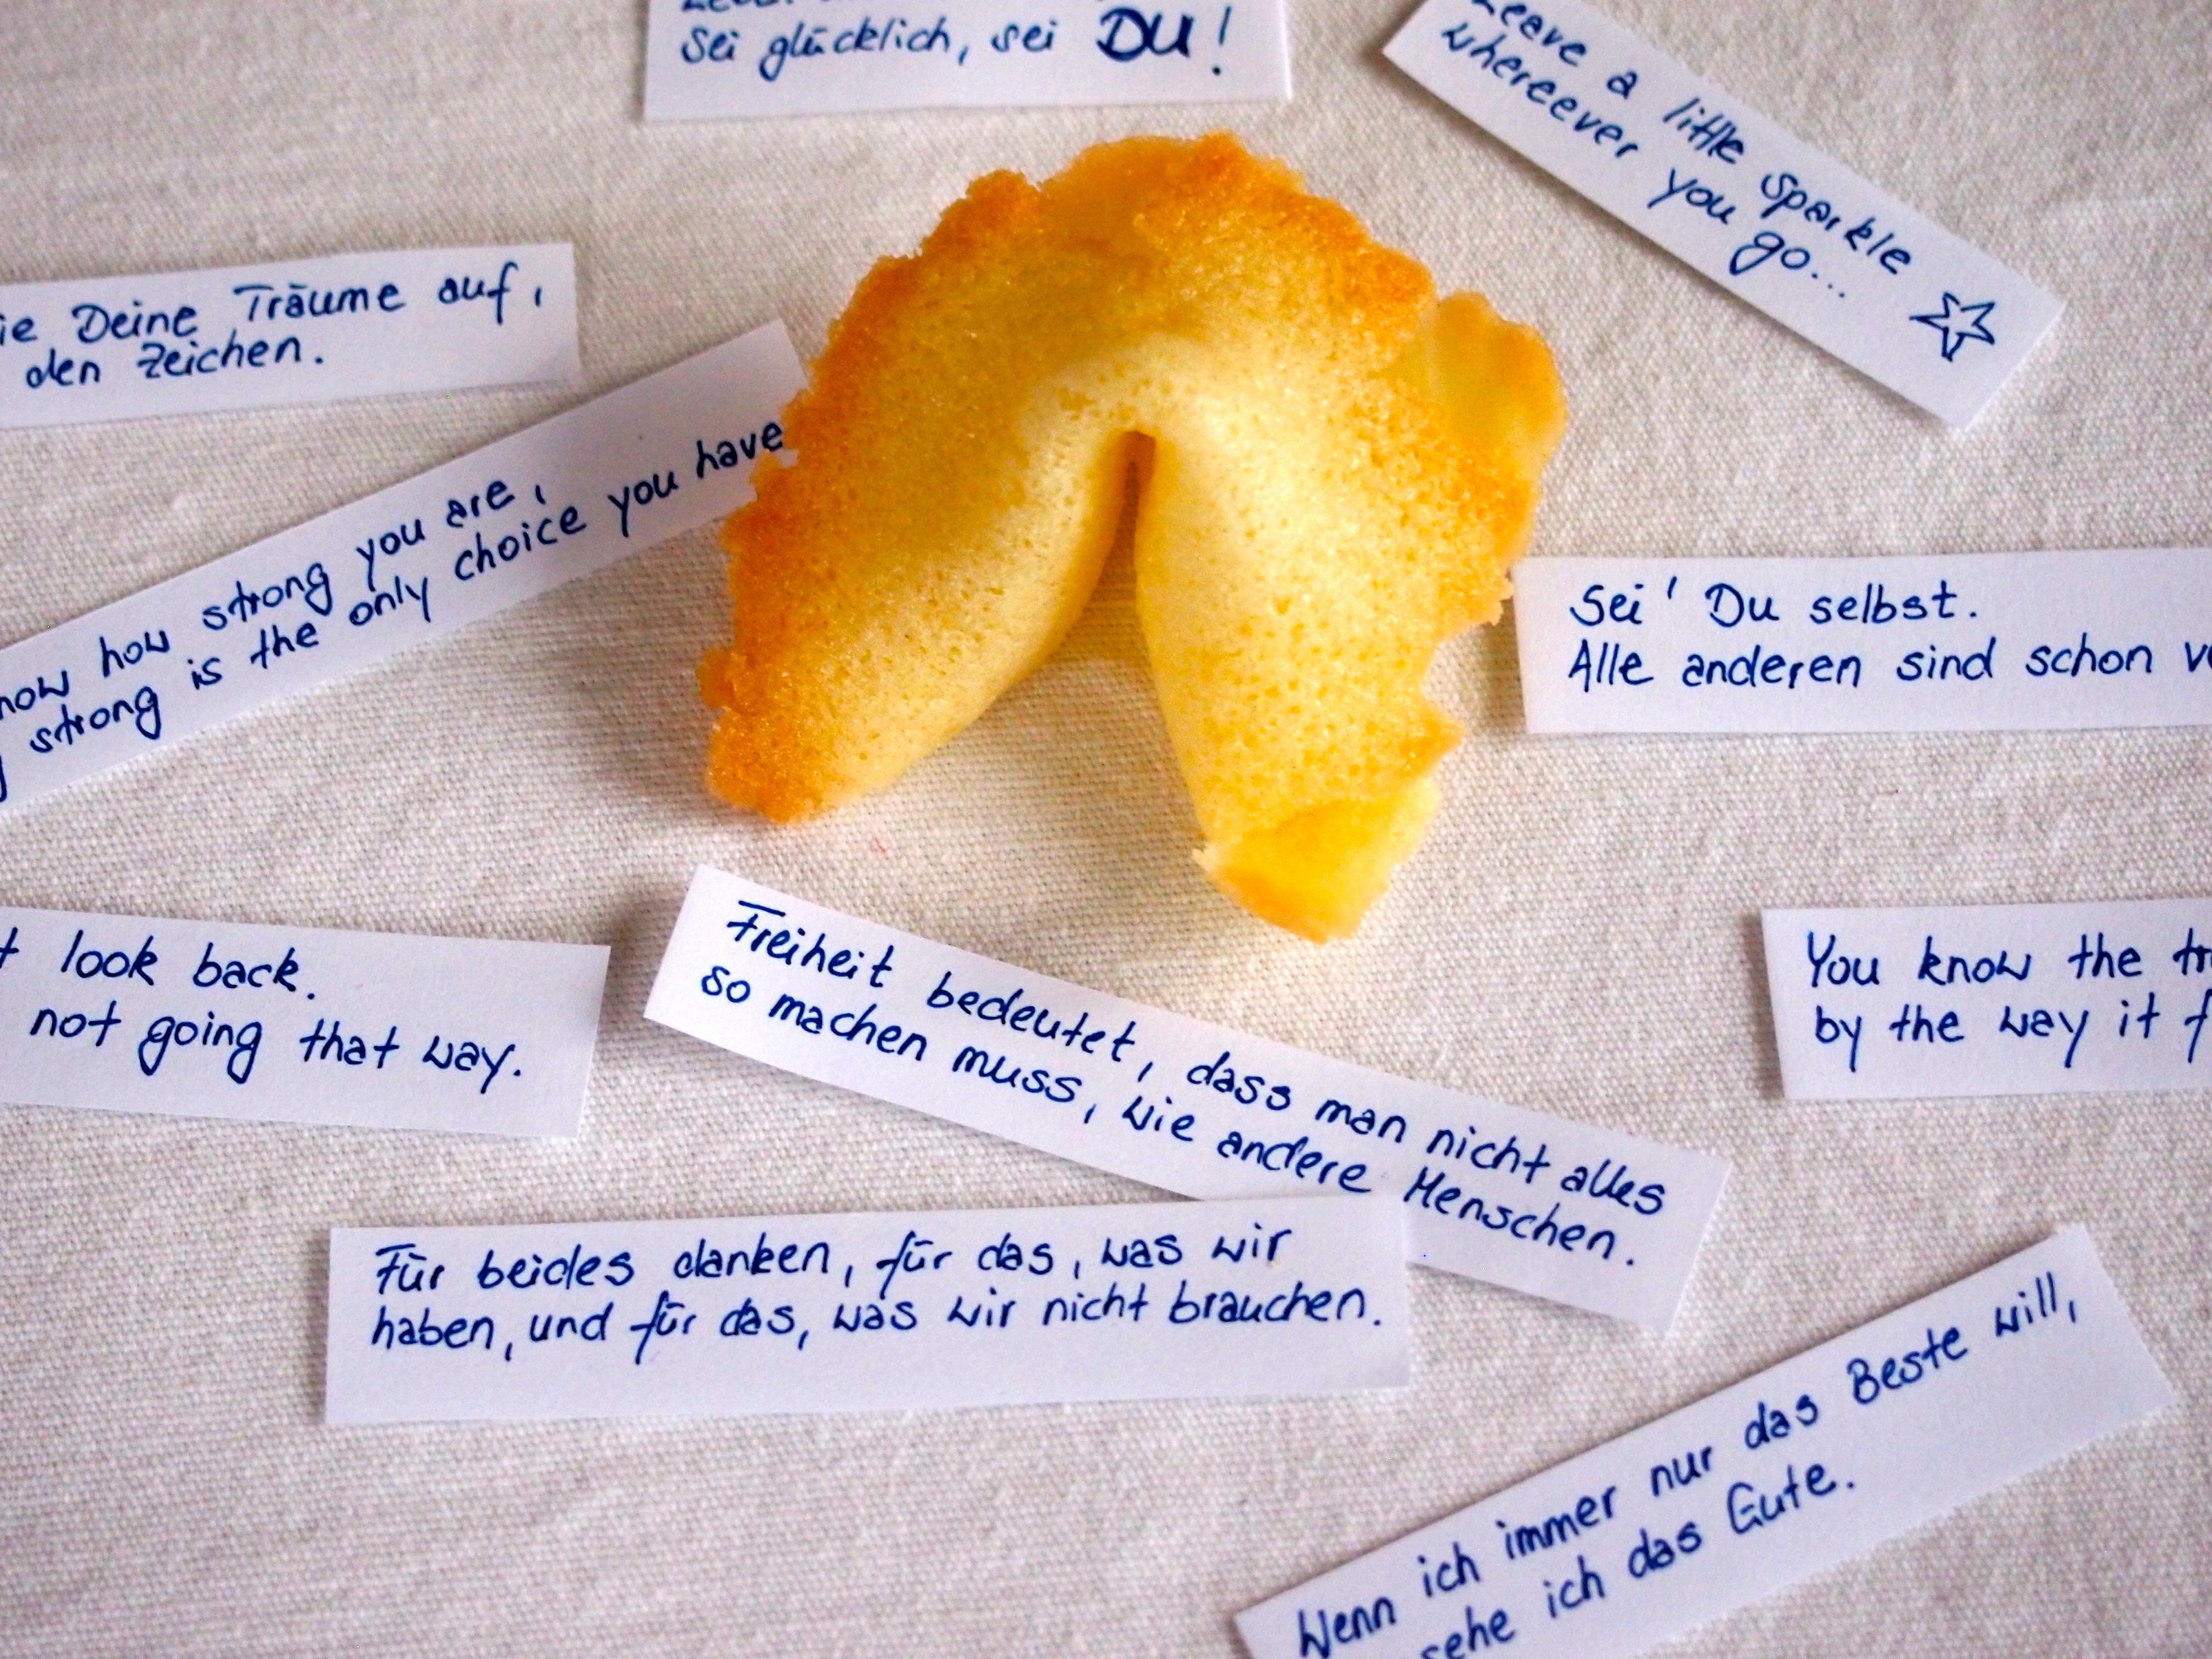 liebe sprüche zum jahreswechsel Kleines Glück zum Jahreswechsel: Glückskekse für liebe Gäste  liebe sprüche zum jahreswechsel